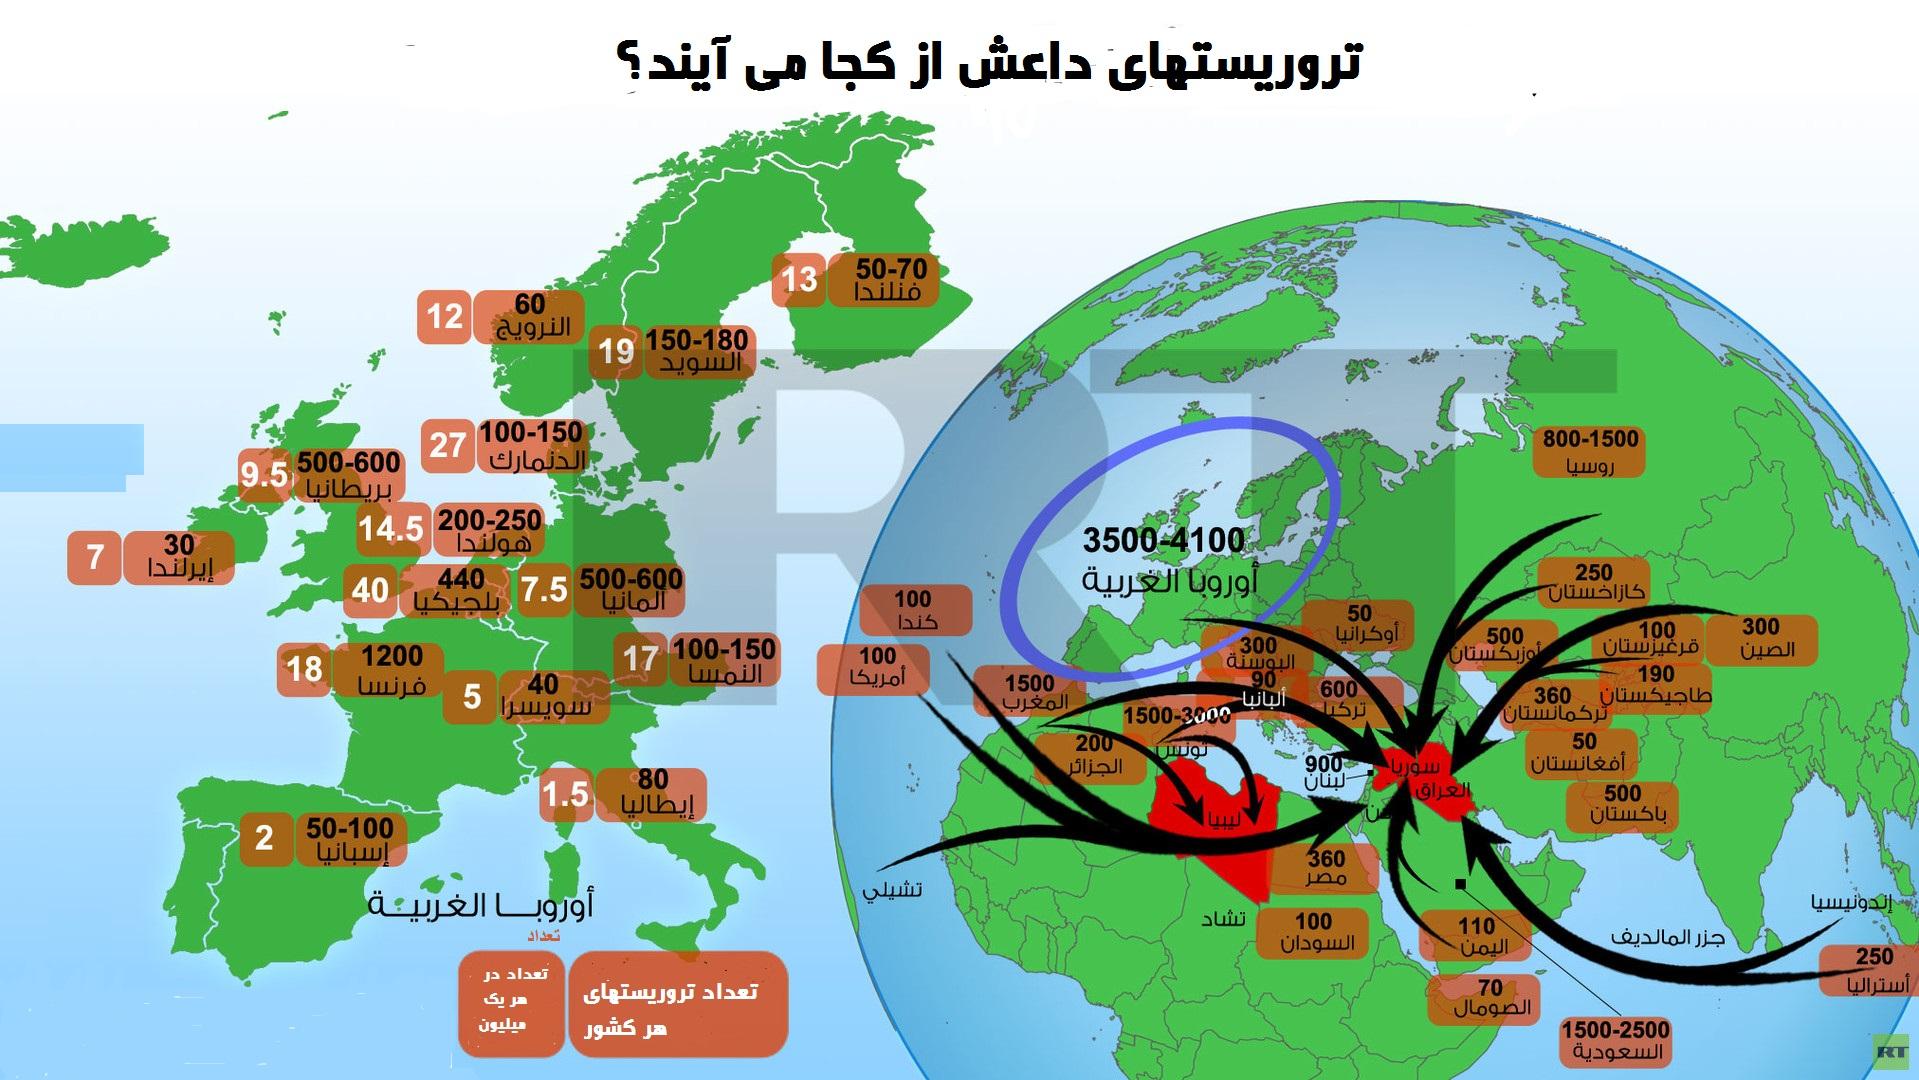 چند درصد اروپاییها داعشی هستند؟+ نقشه